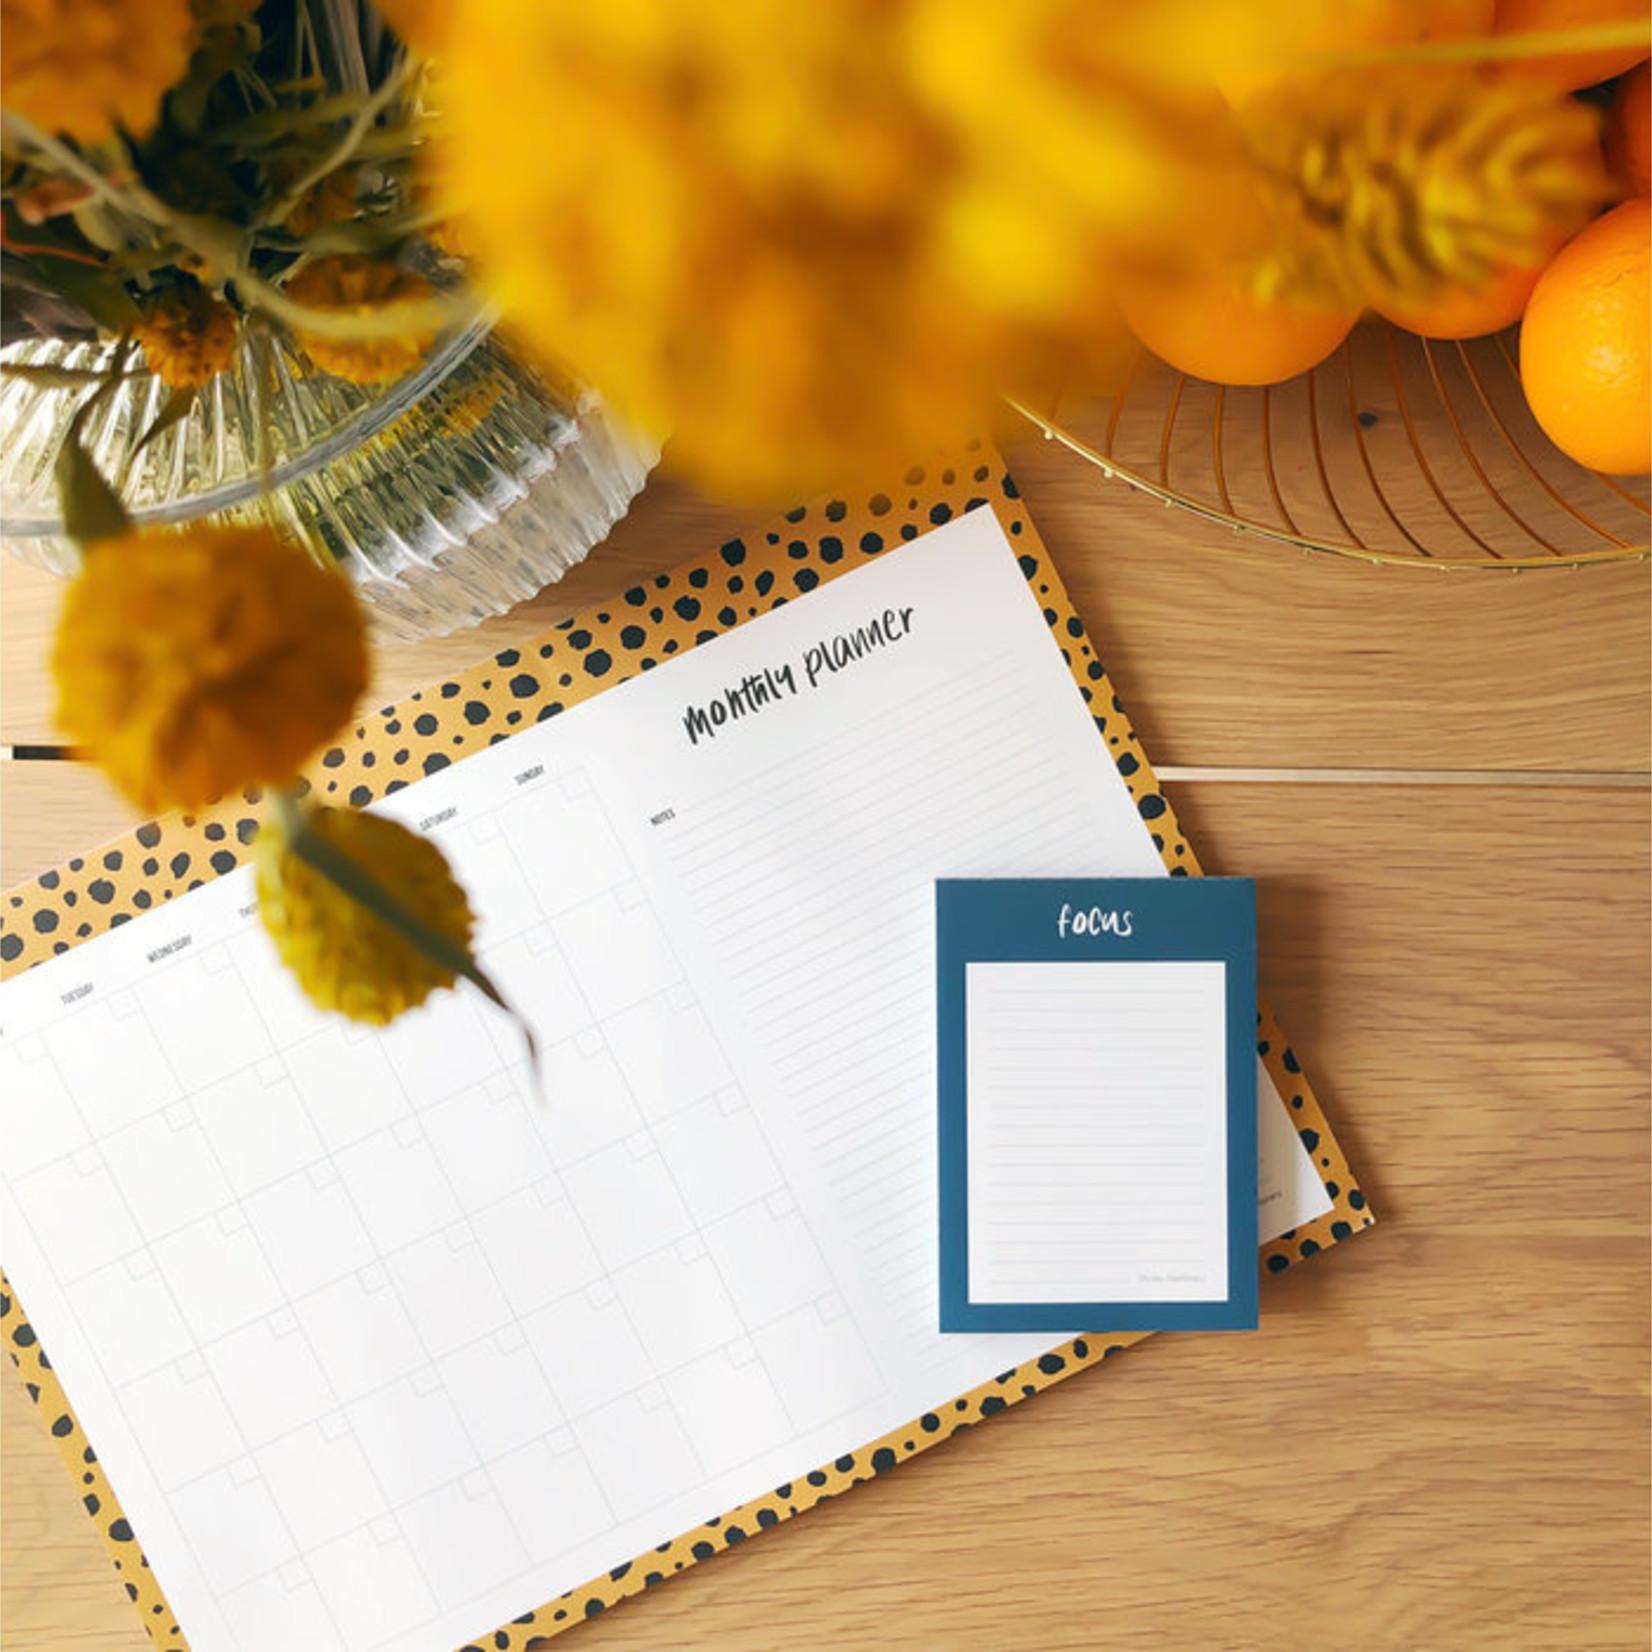 Studio Stationery - kantoormateriaal Beestige maand planner - lekker groot